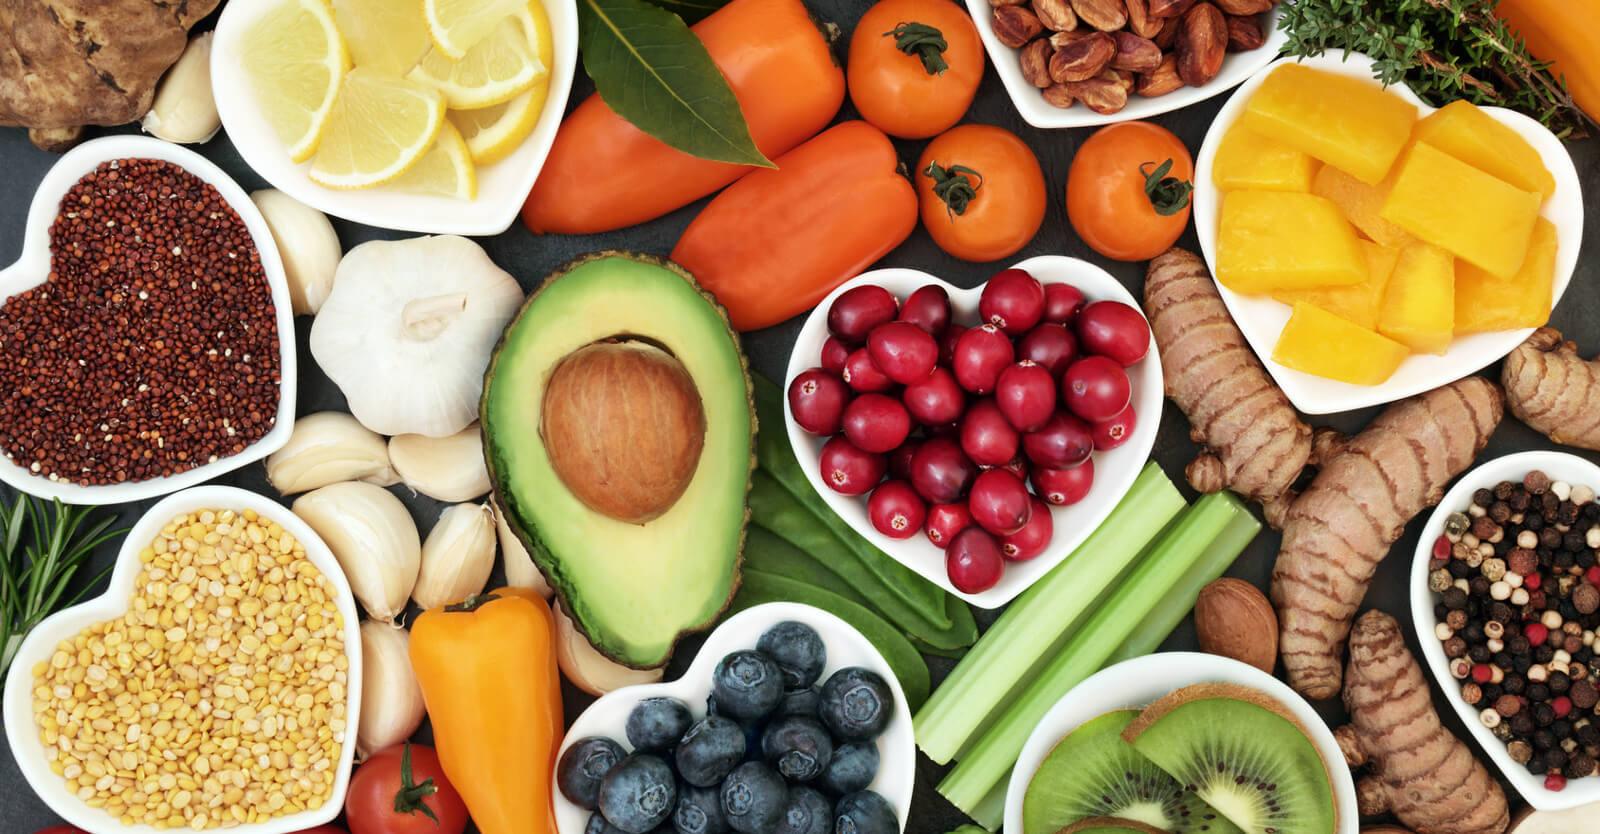 Patienten von Colitis ulcerosa sollten auch auf ihre Ernährung achten